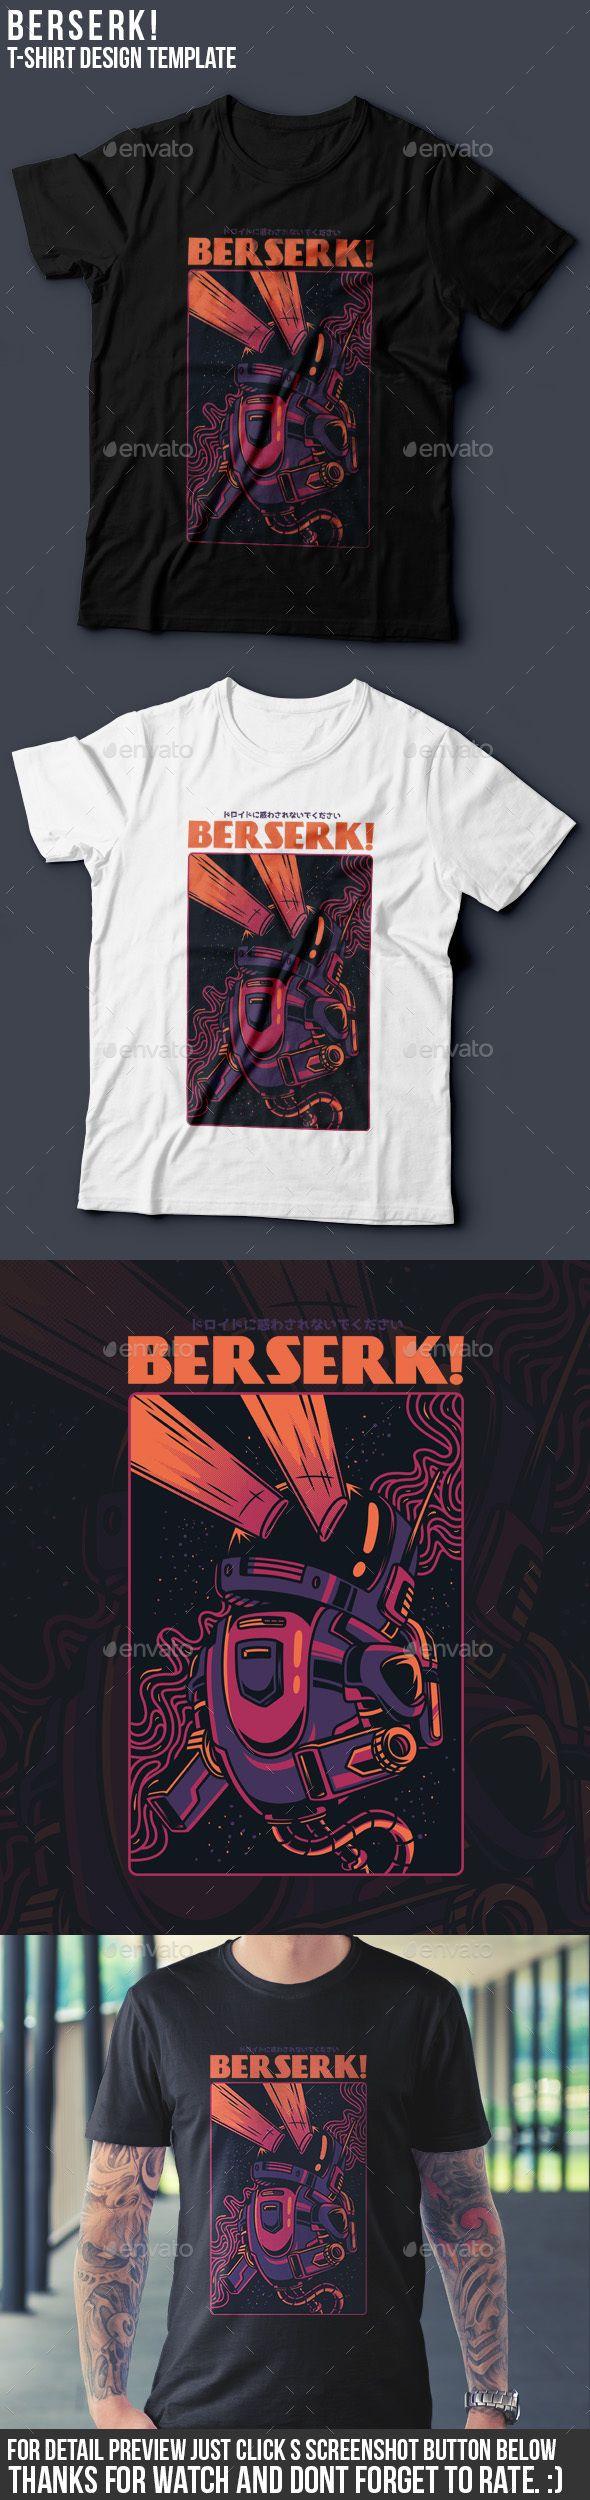 Berserk! T-Shirt Design - Events T-Shirts